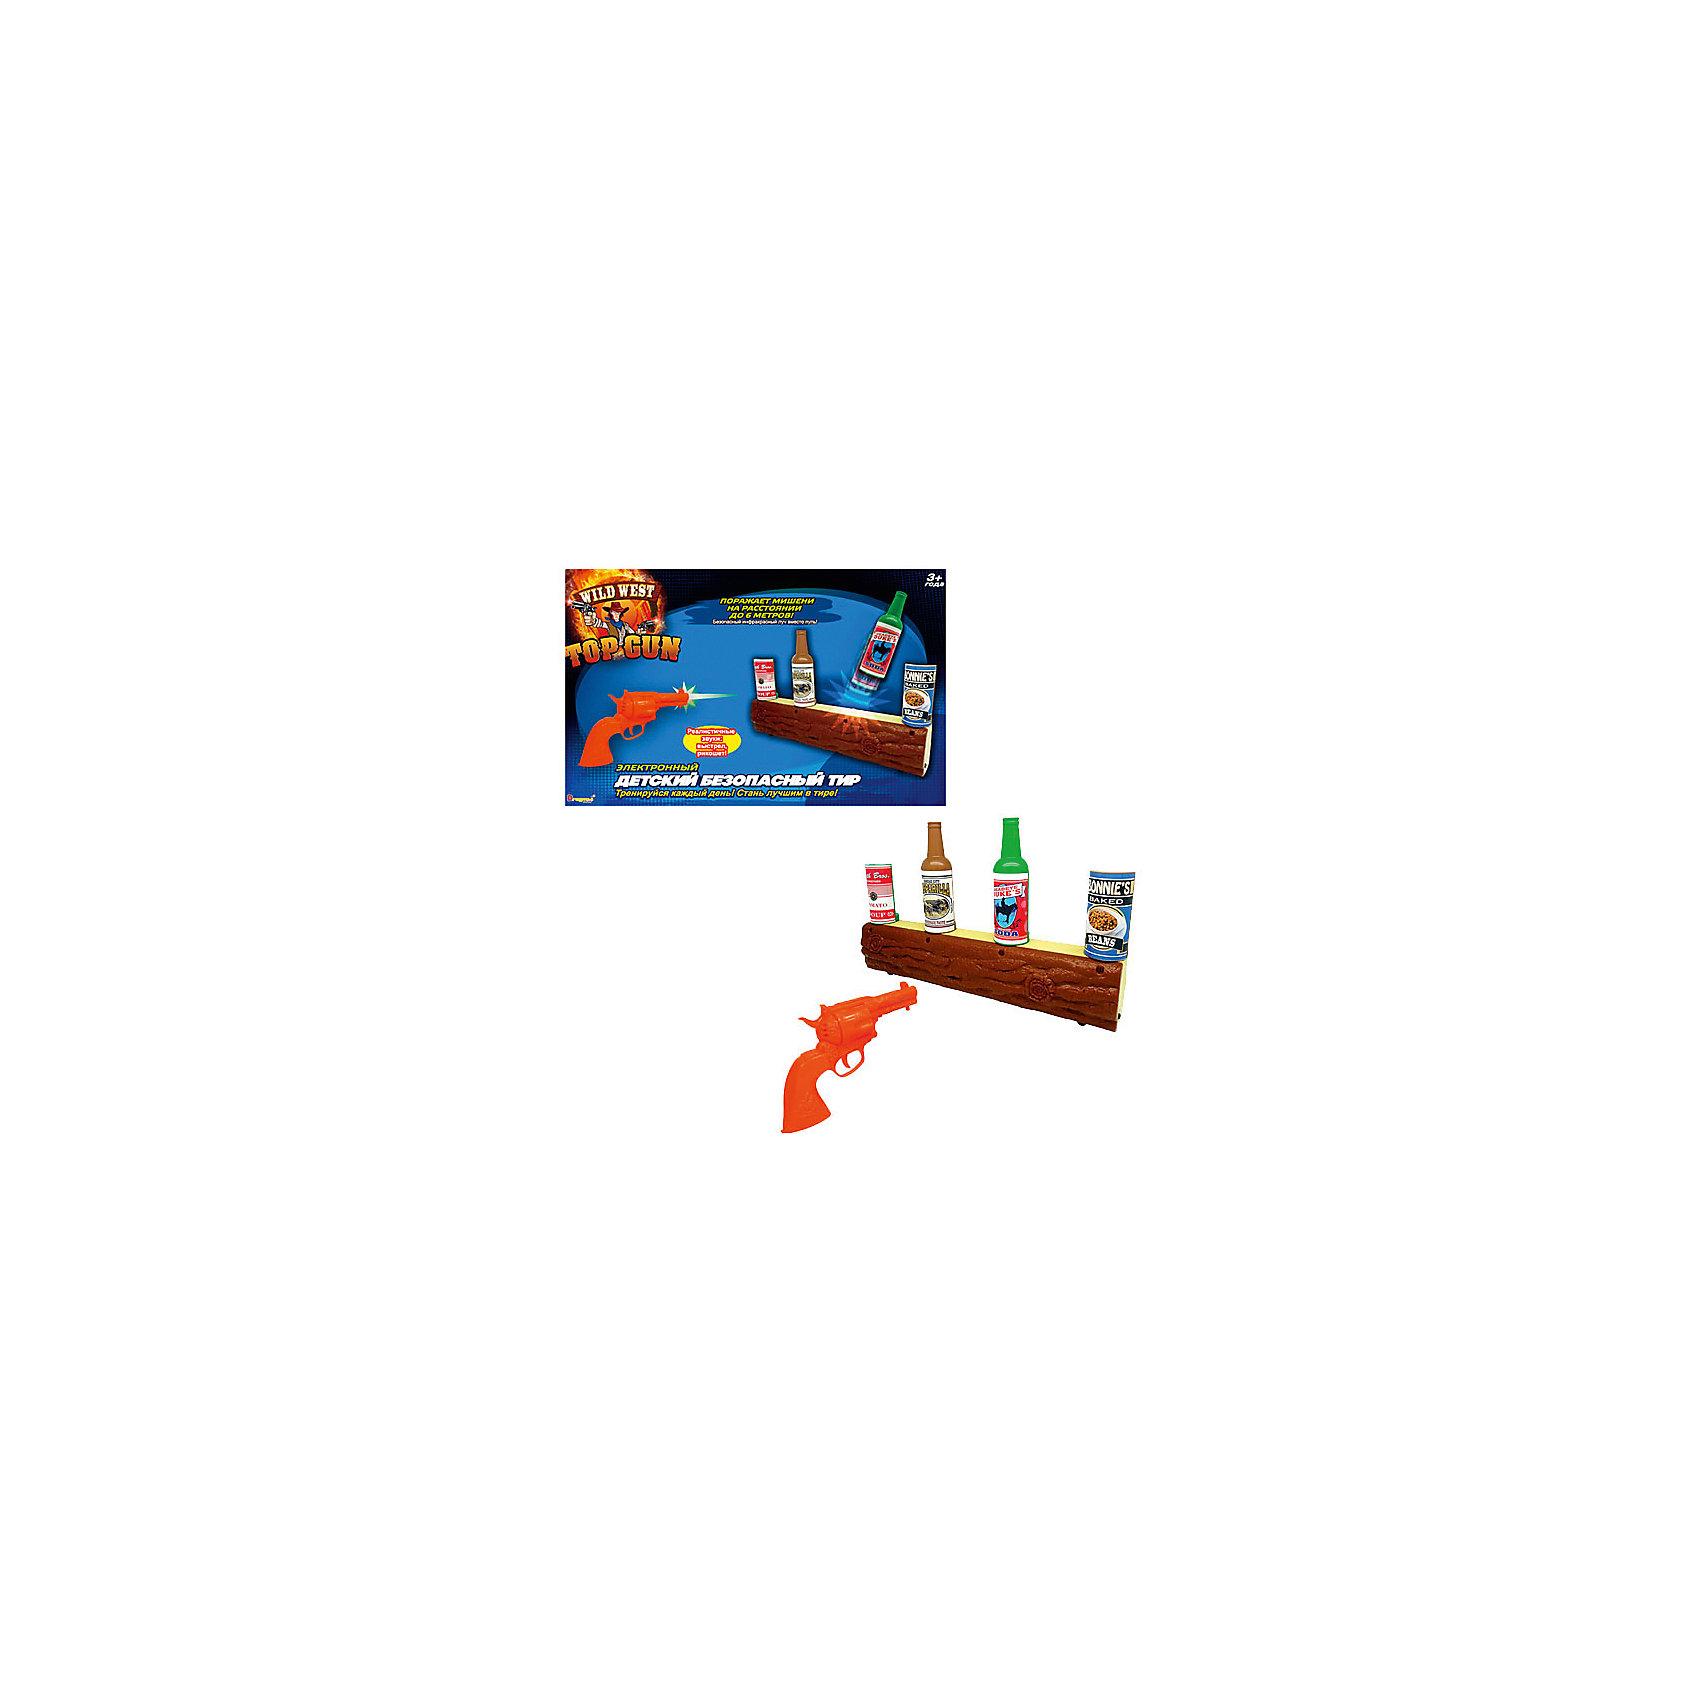 Интерактивная игрушка Dragon-i Тир с пистолетом (звук)Интерактивные игрушки для малышей<br><br><br>Ширина мм: 440<br>Глубина мм: 80<br>Высота мм: 270<br>Вес г: 1050<br>Возраст от месяцев: 36<br>Возраст до месяцев: 2147483647<br>Пол: Мужской<br>Возраст: Детский<br>SKU: 7074100